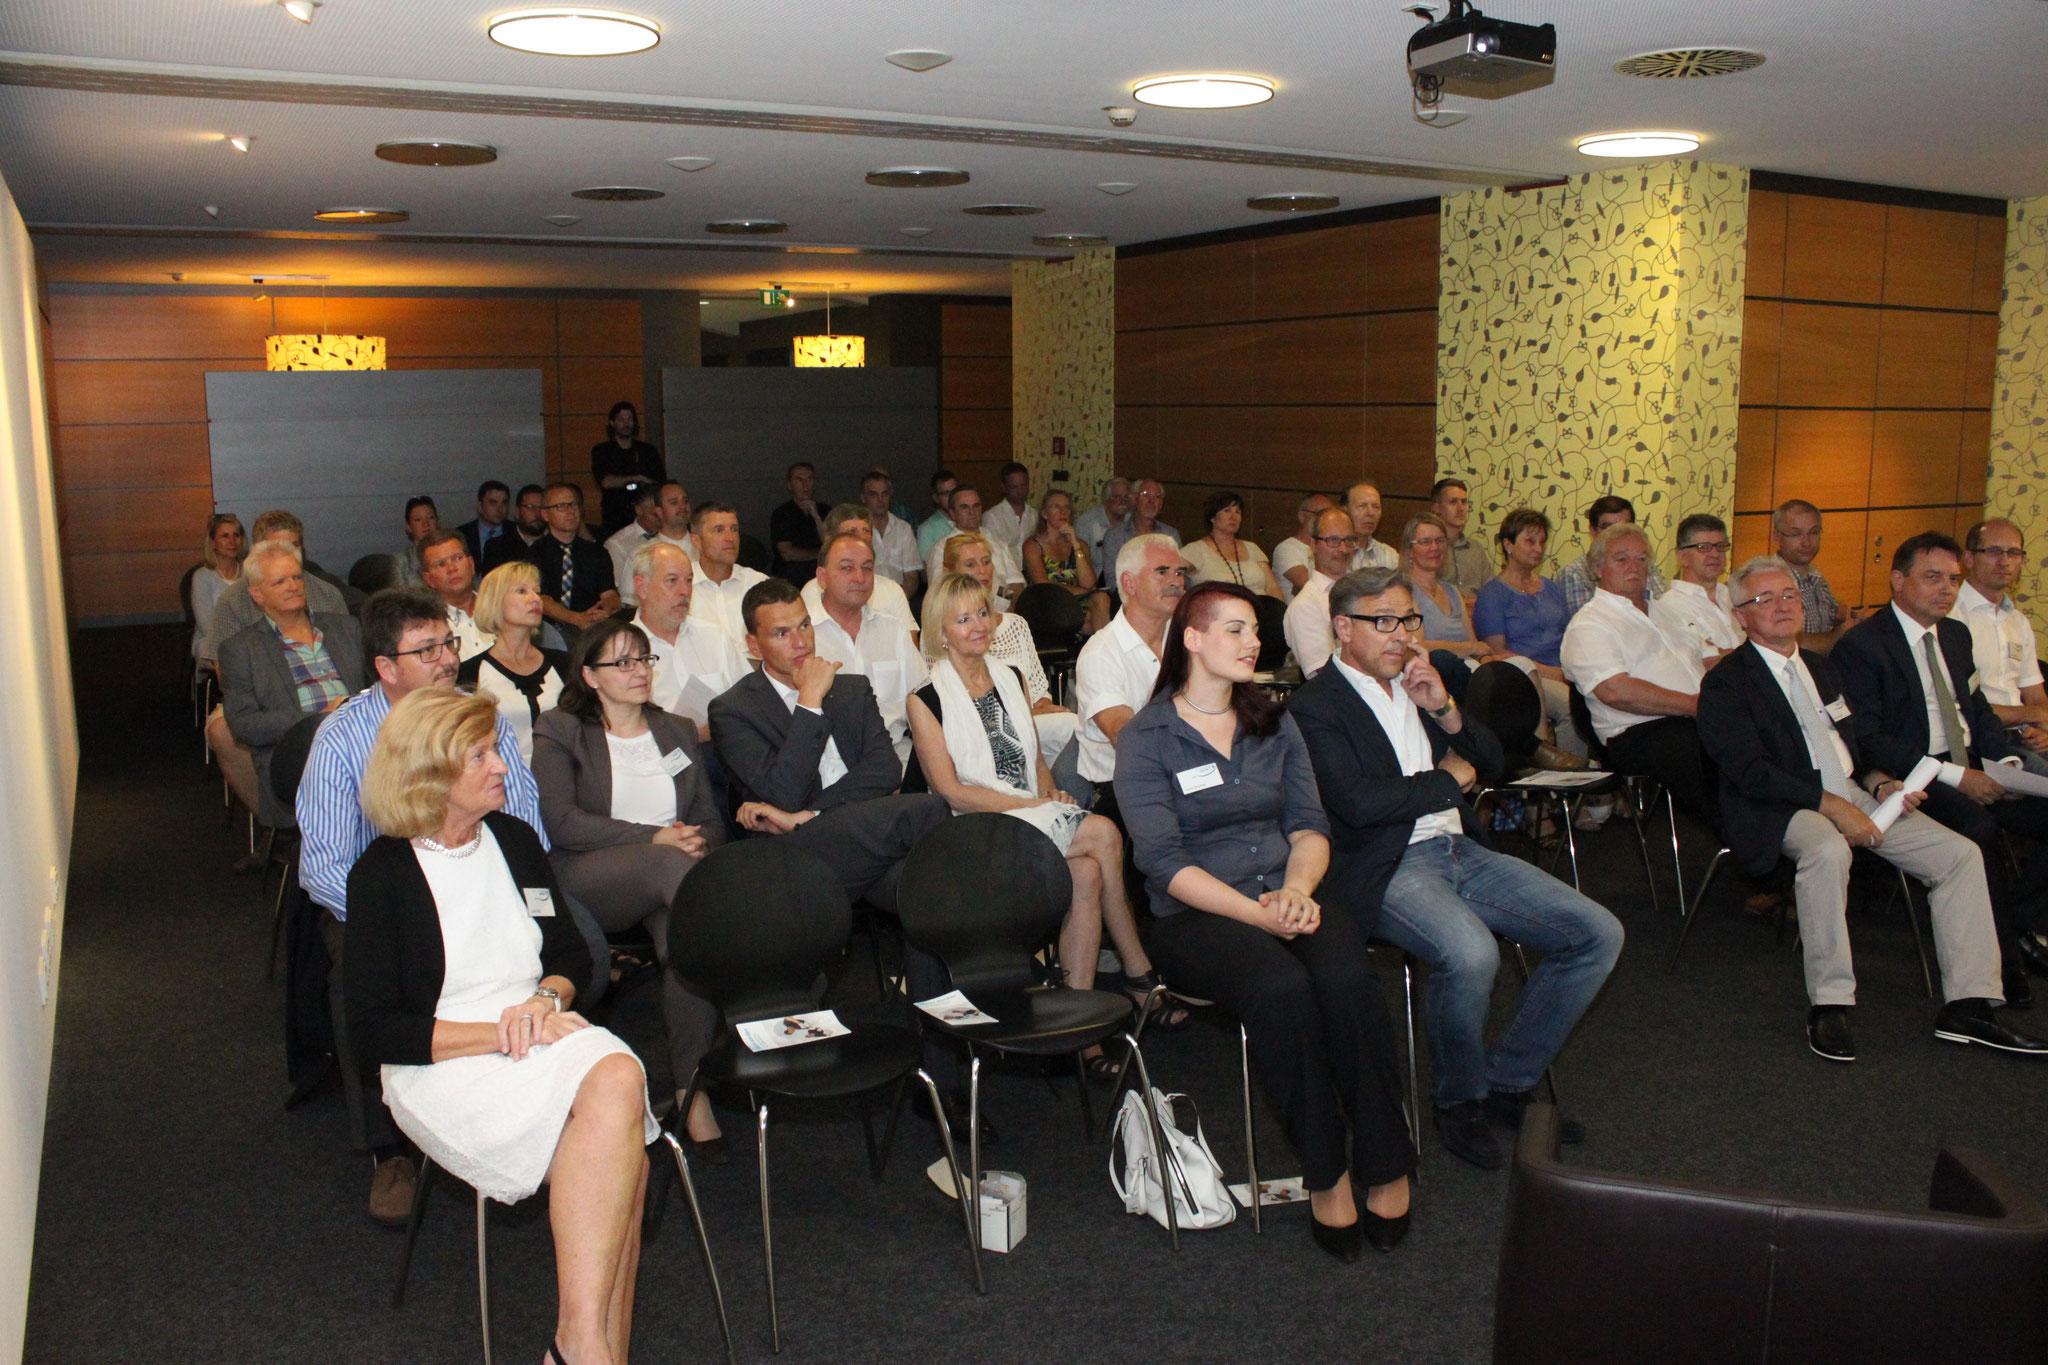 Großes Interesse an Veranstaltung der Mittelstands-Union Ingolstadt